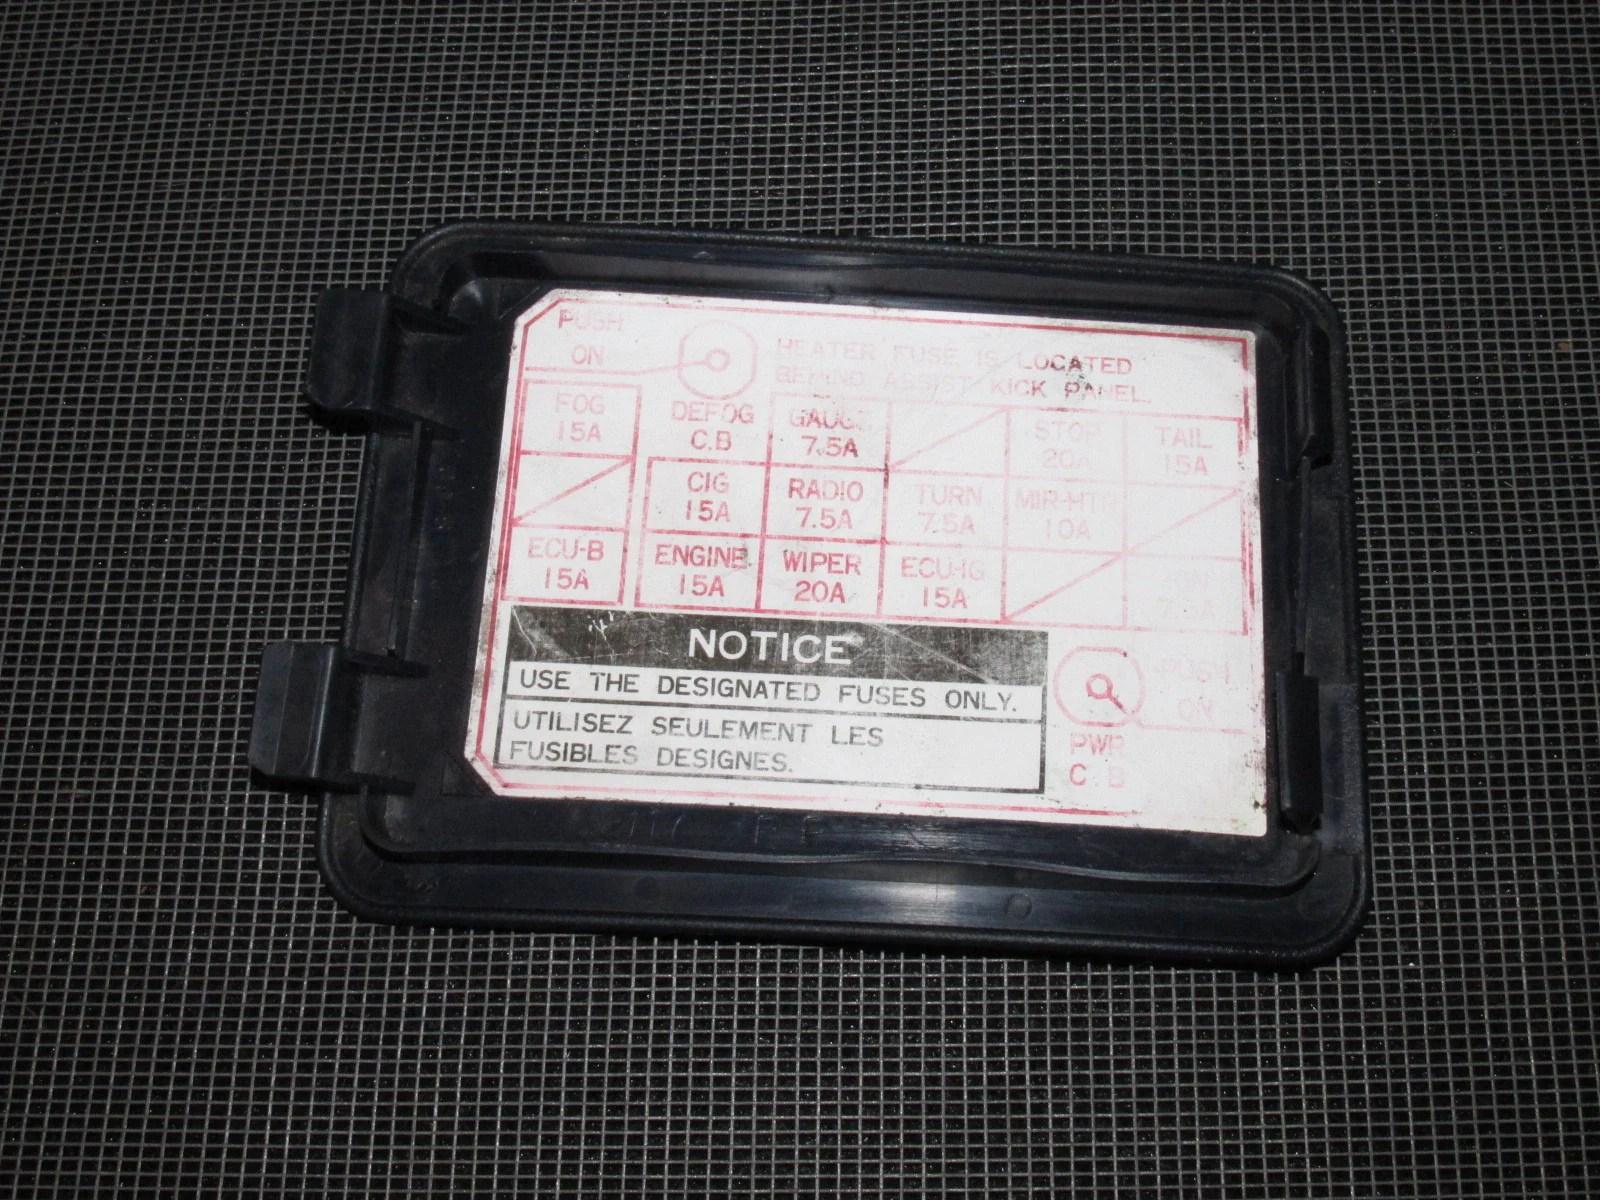 89 90 91 92 toyota supra oem interior fuse box cover [ 1600 x 1200 Pixel ]